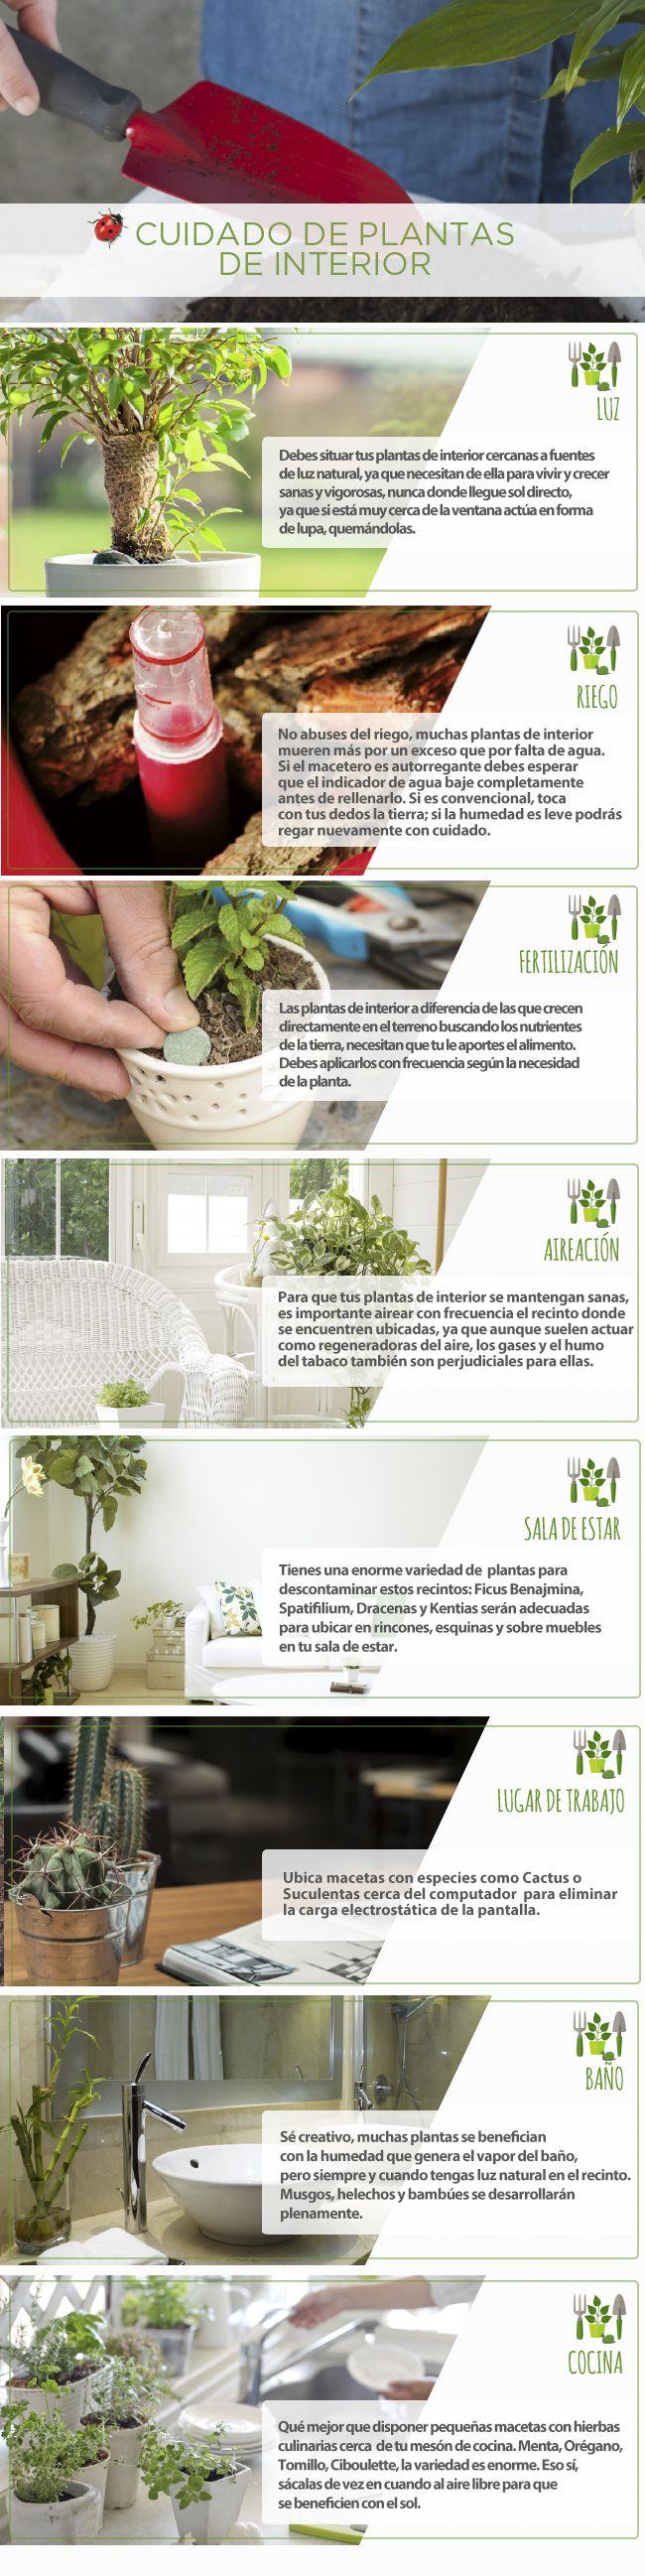 #Jardín #Easy #Plantas #Cuidado